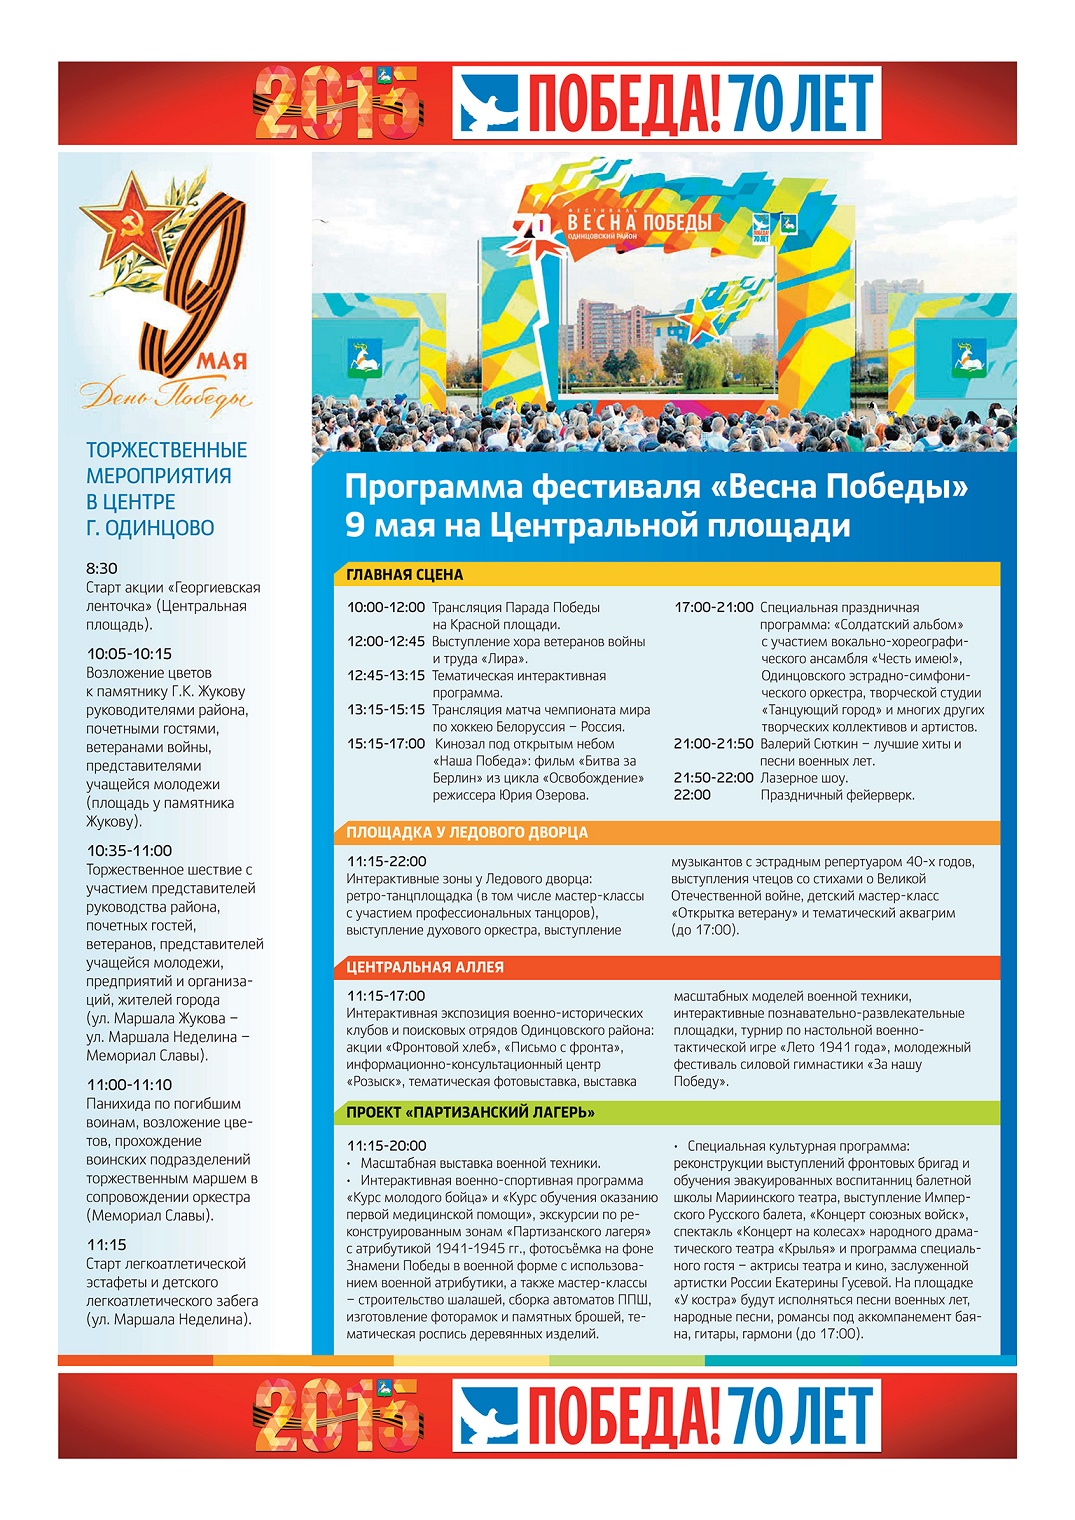 9 мая пройдут советской спортивные площади мероприятия